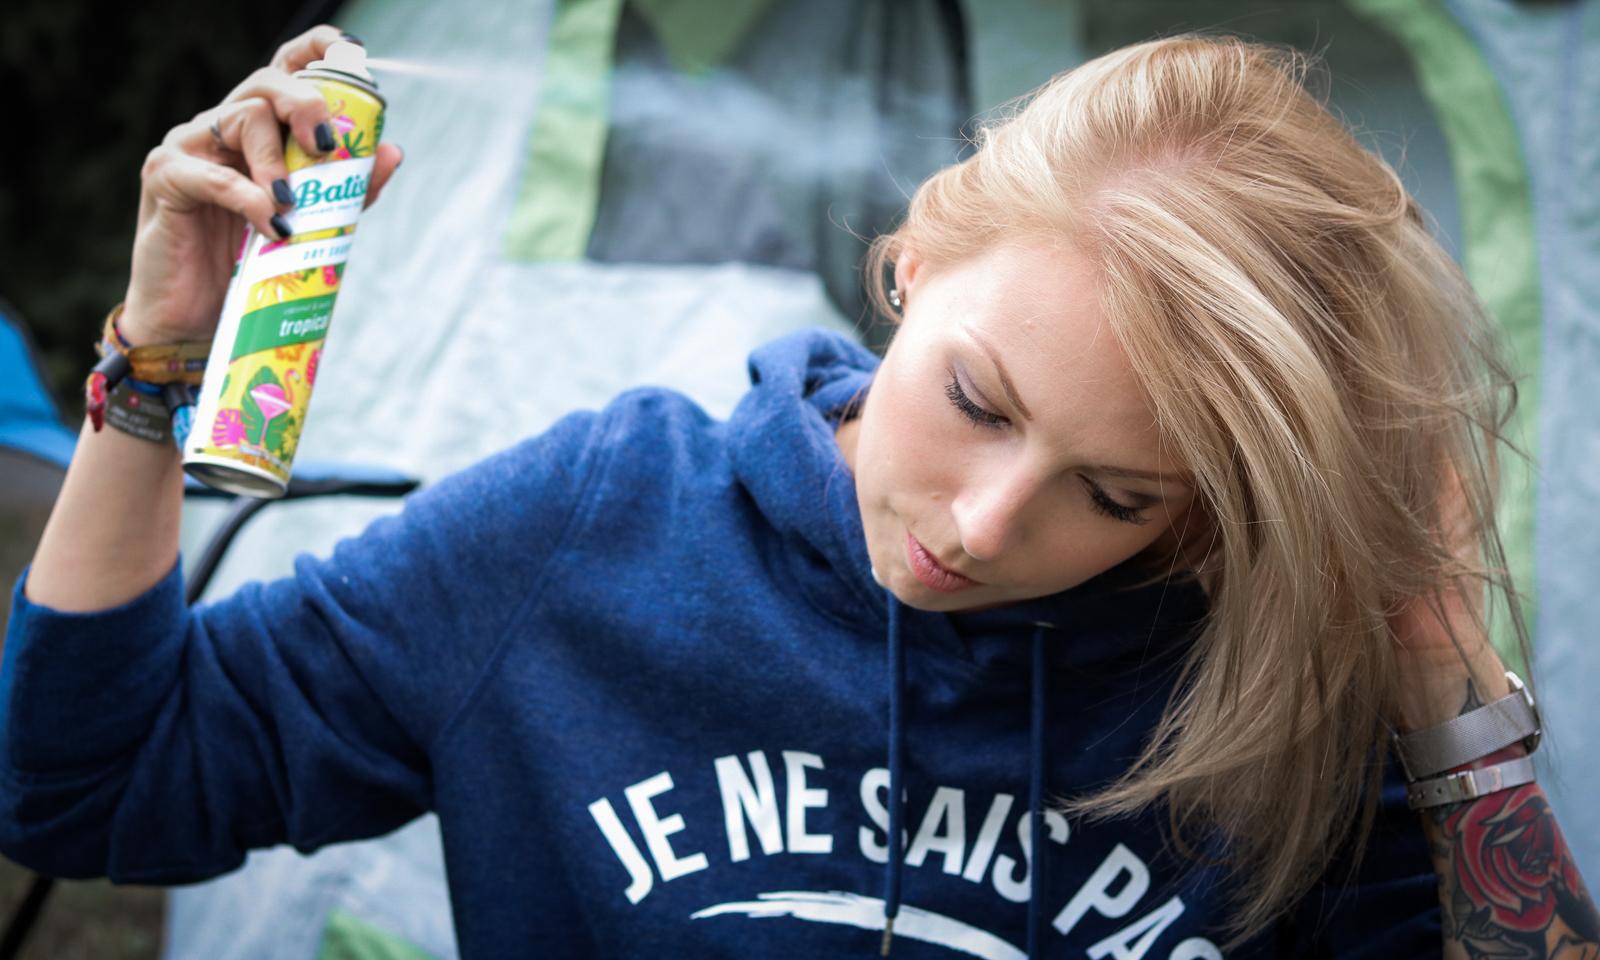 Batiste Trockenshampoo Tropical frische Haare ohne Waschen Volumen (4) - Lavie Deboite